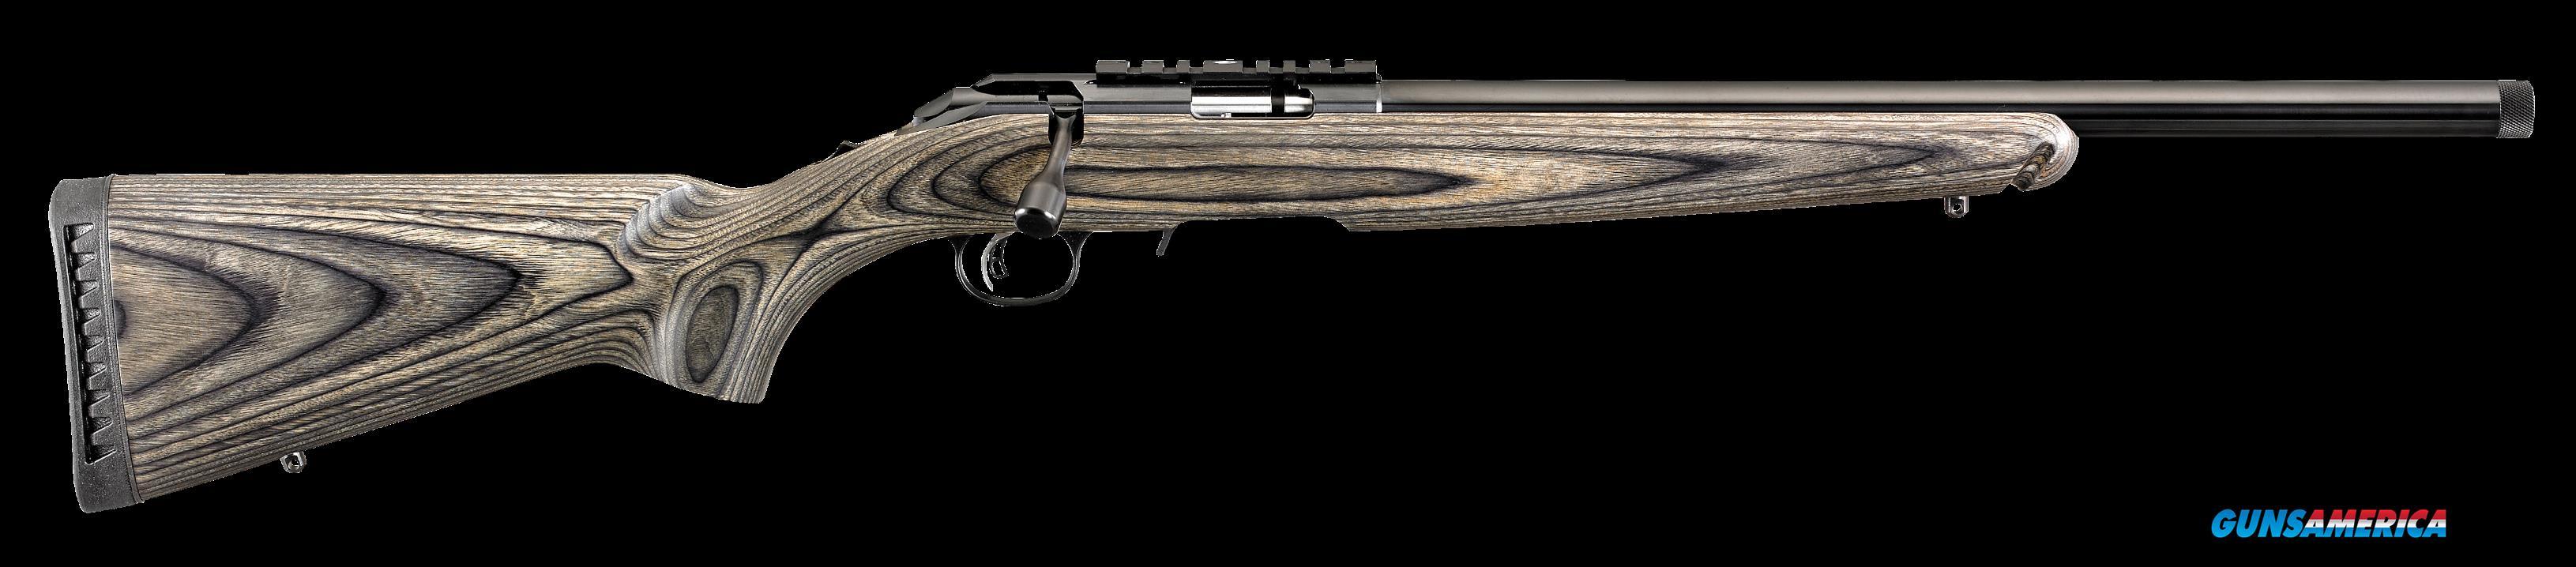 Ruger American Rimfire, Rug 8348  Amer-rf   22lr  Lam   Blk-syn  Guns > Pistols > 1911 Pistol Copies (non-Colt)